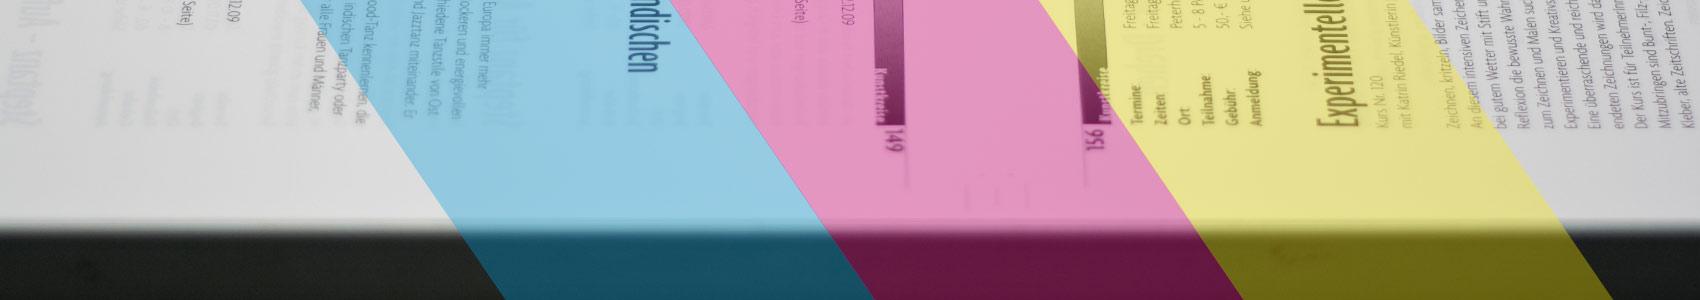 Druckerei Freiburg Digitaldruck Offsetdruck Buchdruck Für